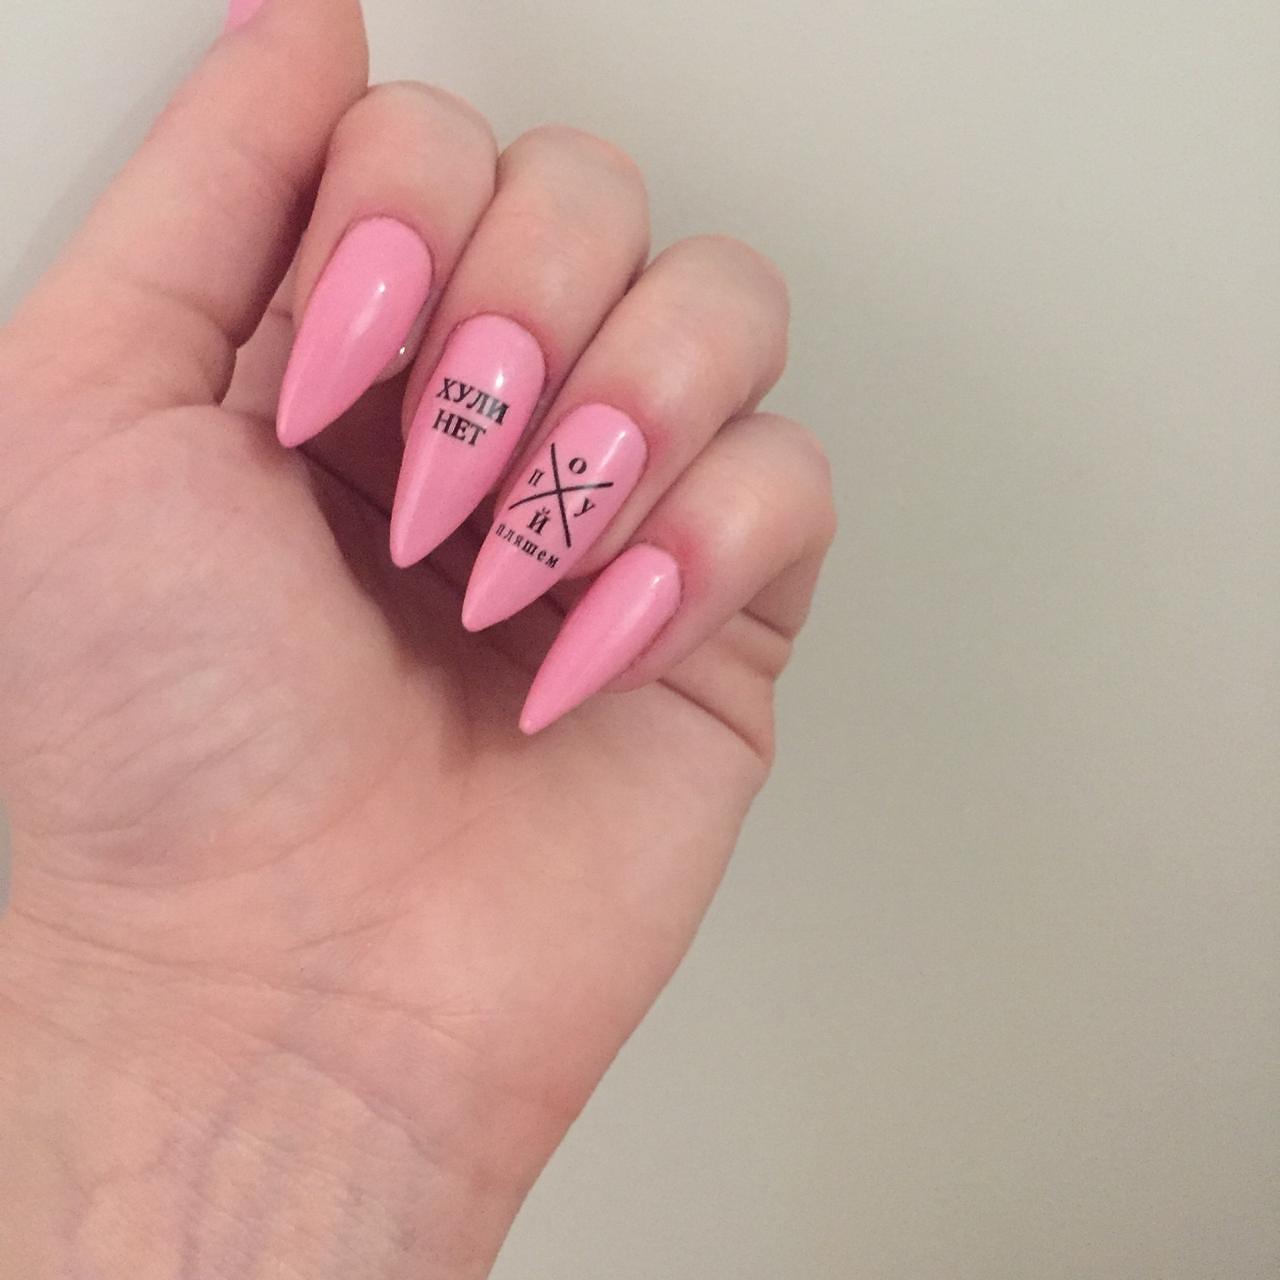 Однотонный маникюр в розовом цвете с надписями.